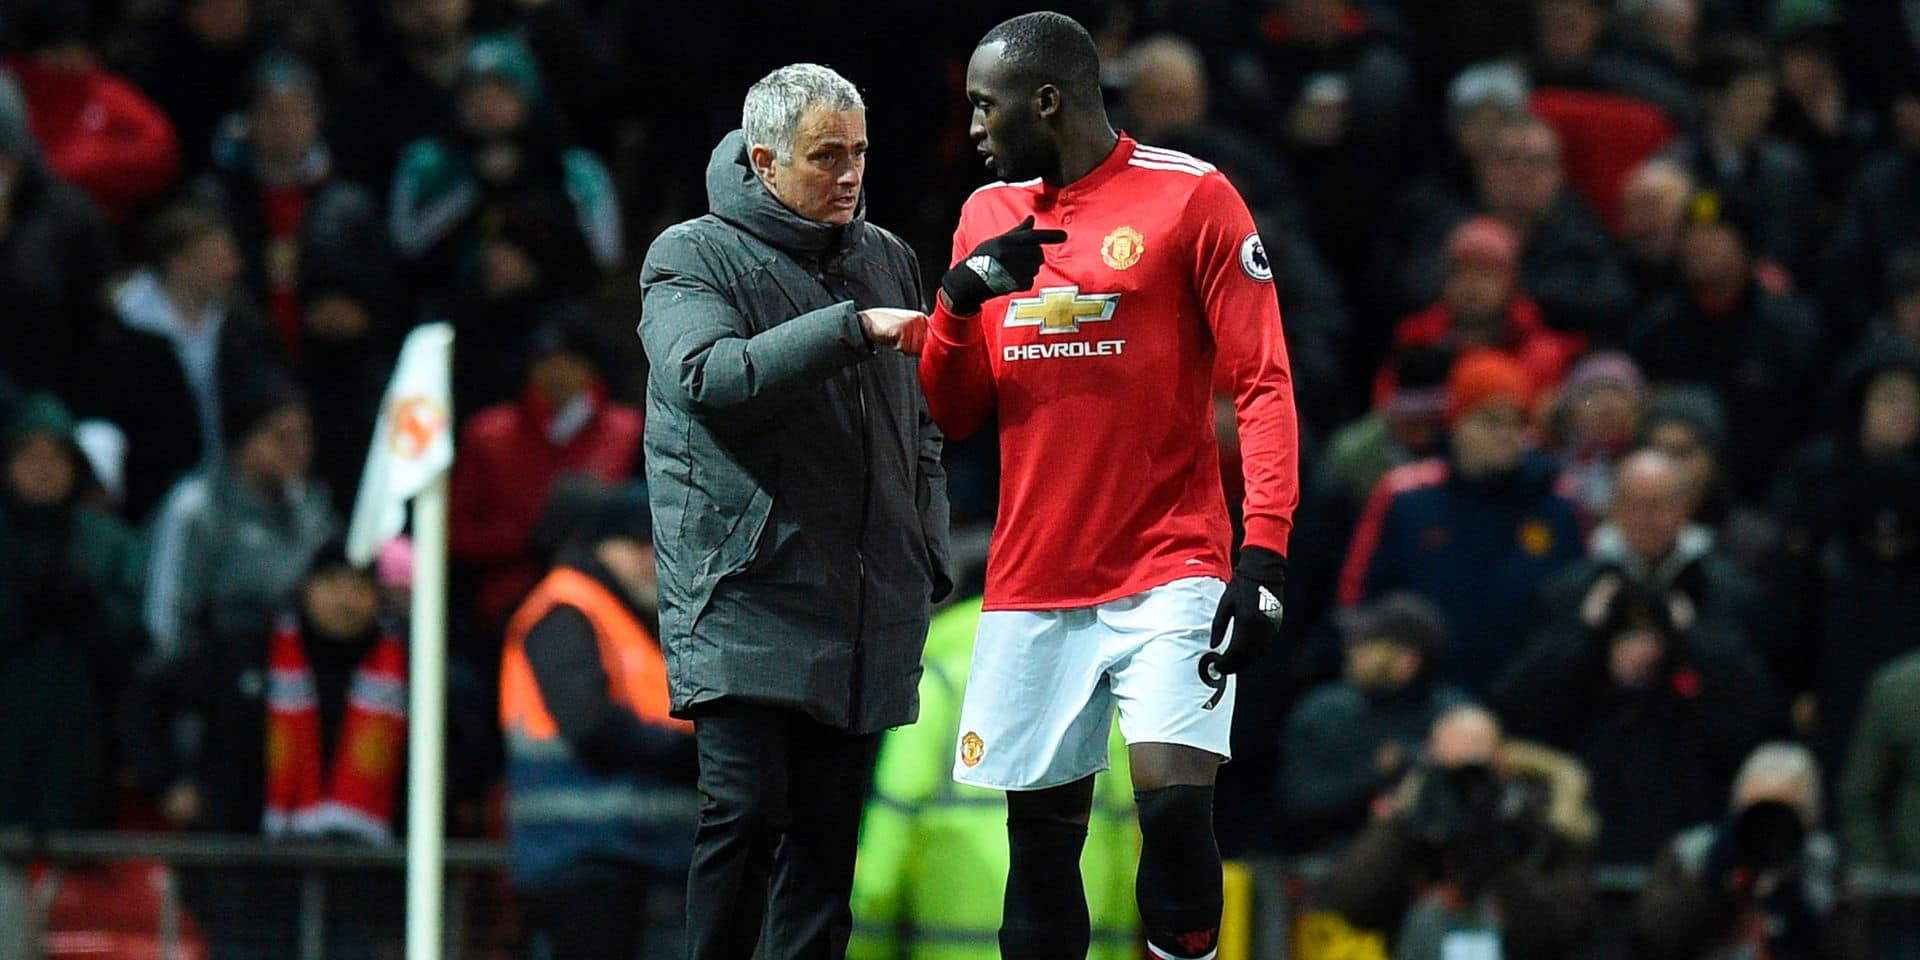 Romelu Lukaku encense jose Mourinho